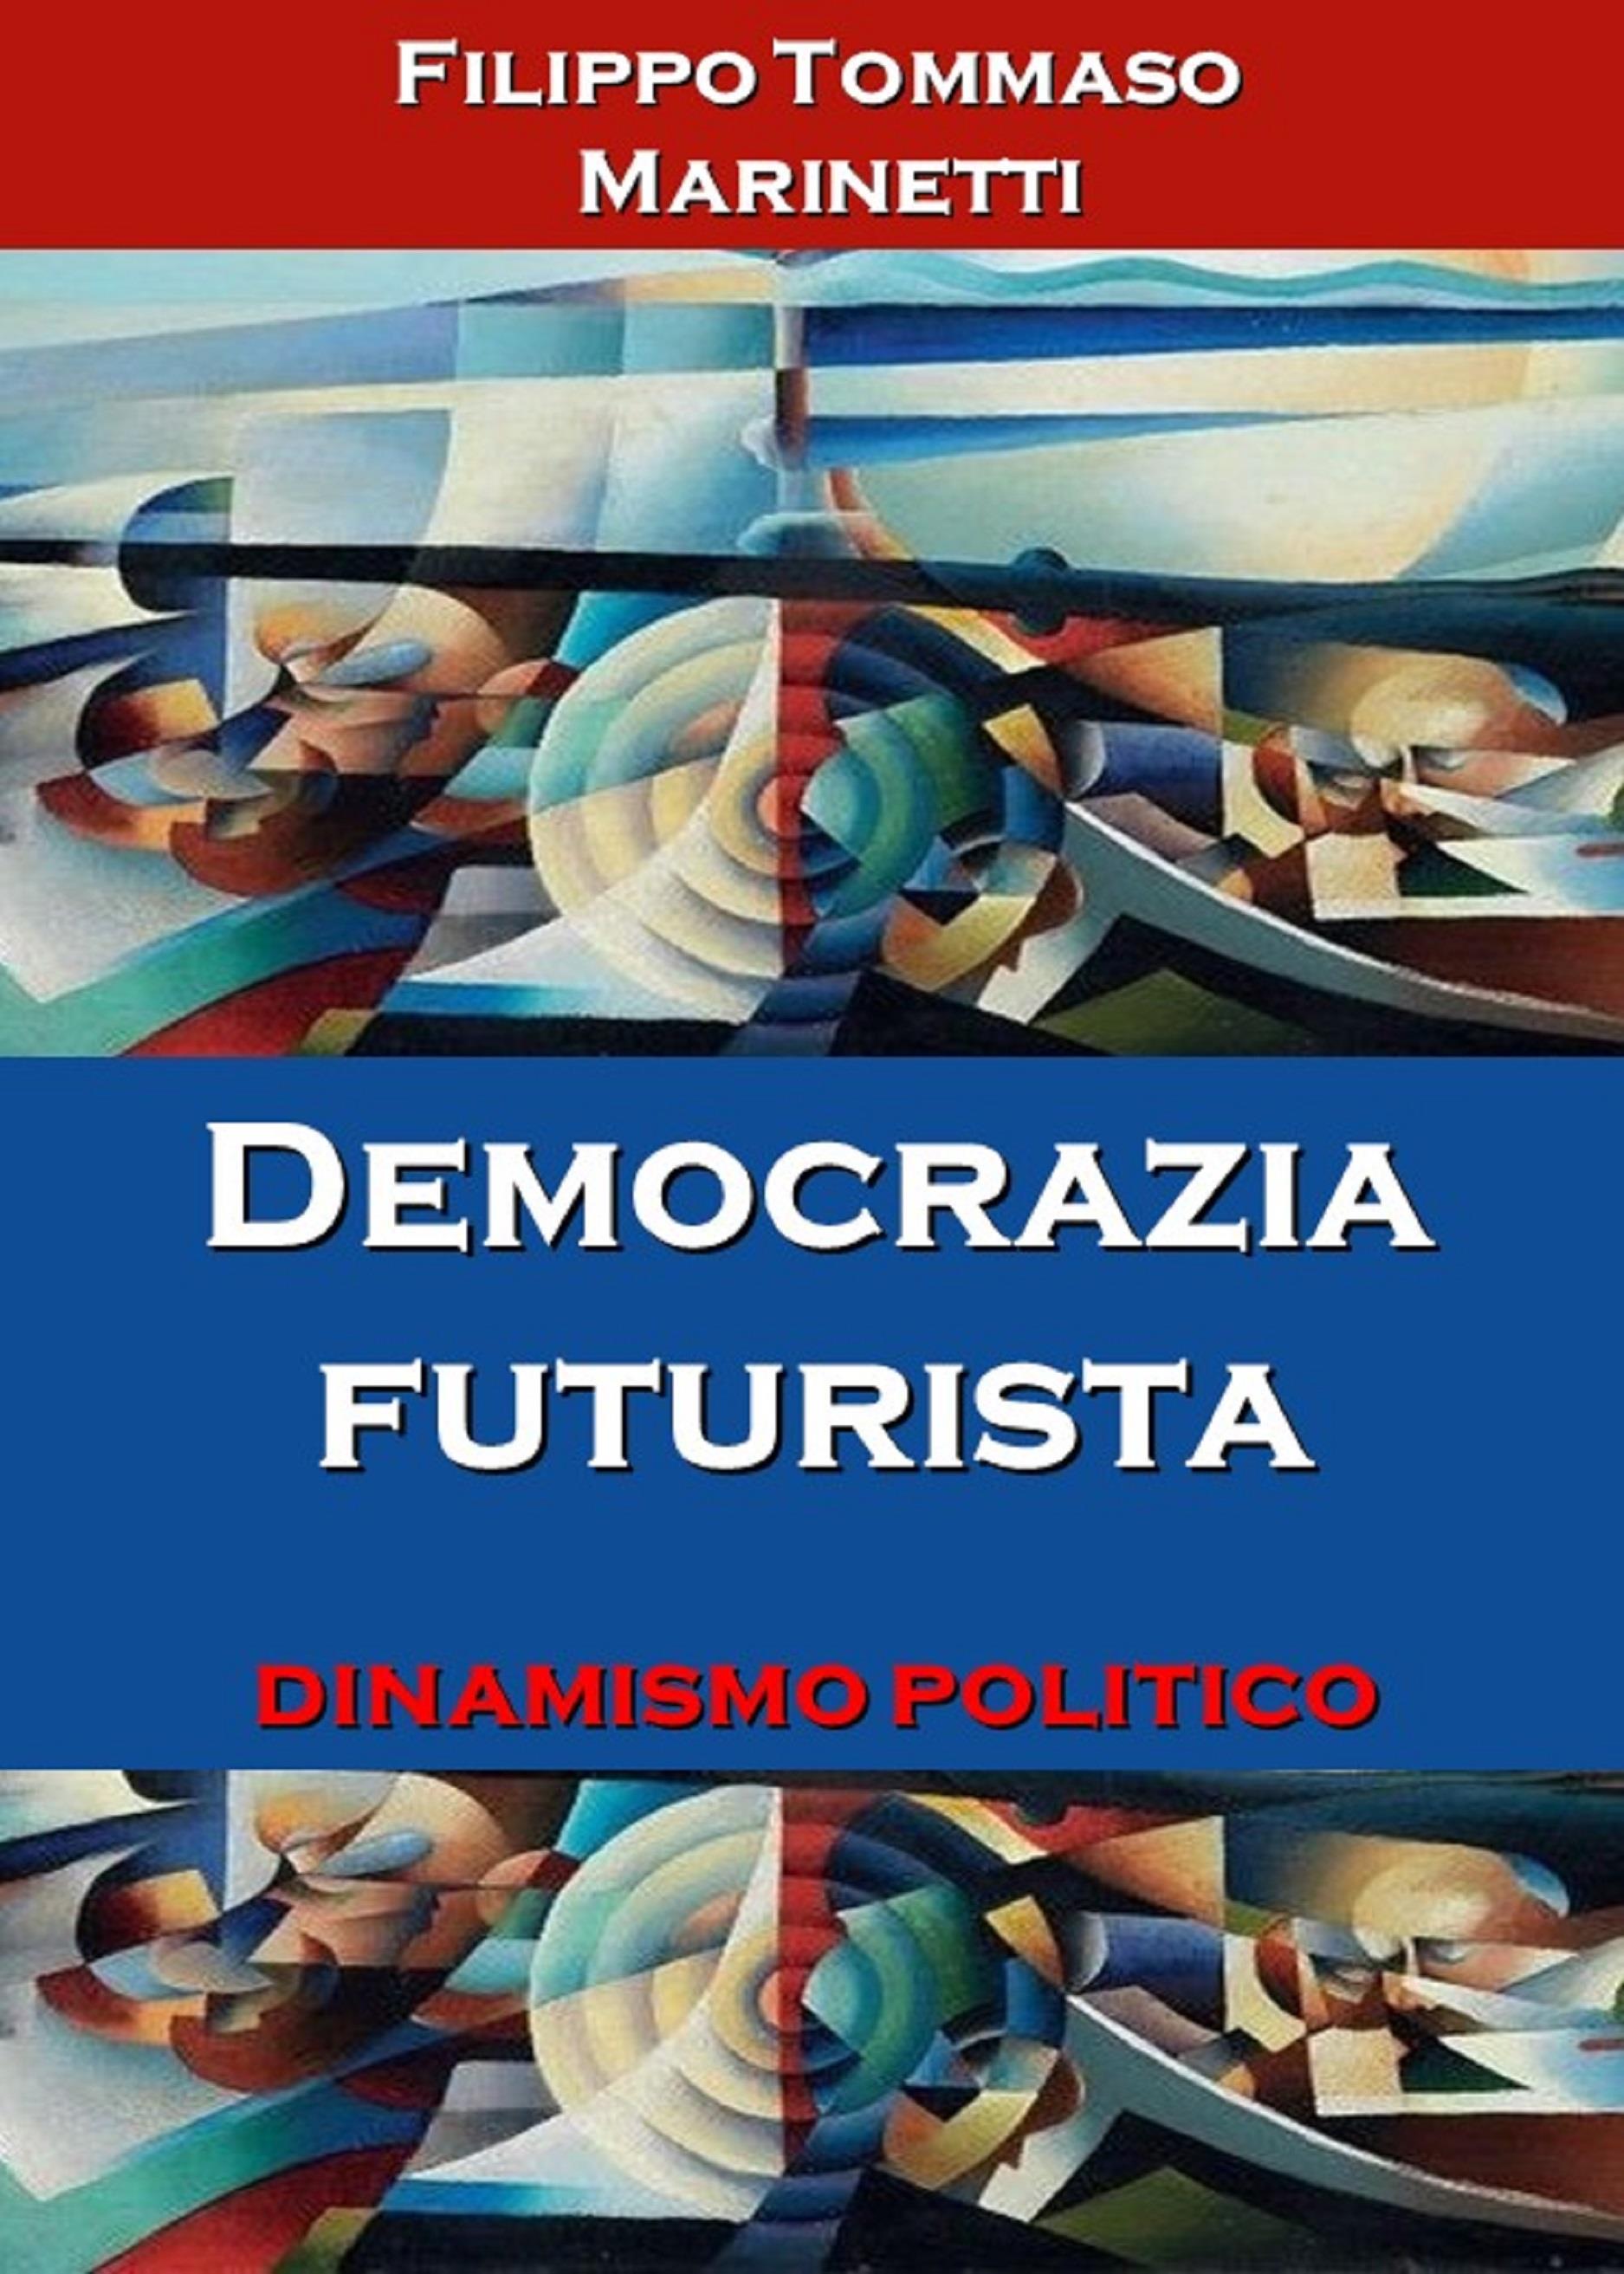 Democrazia futurista: dinamismo politico